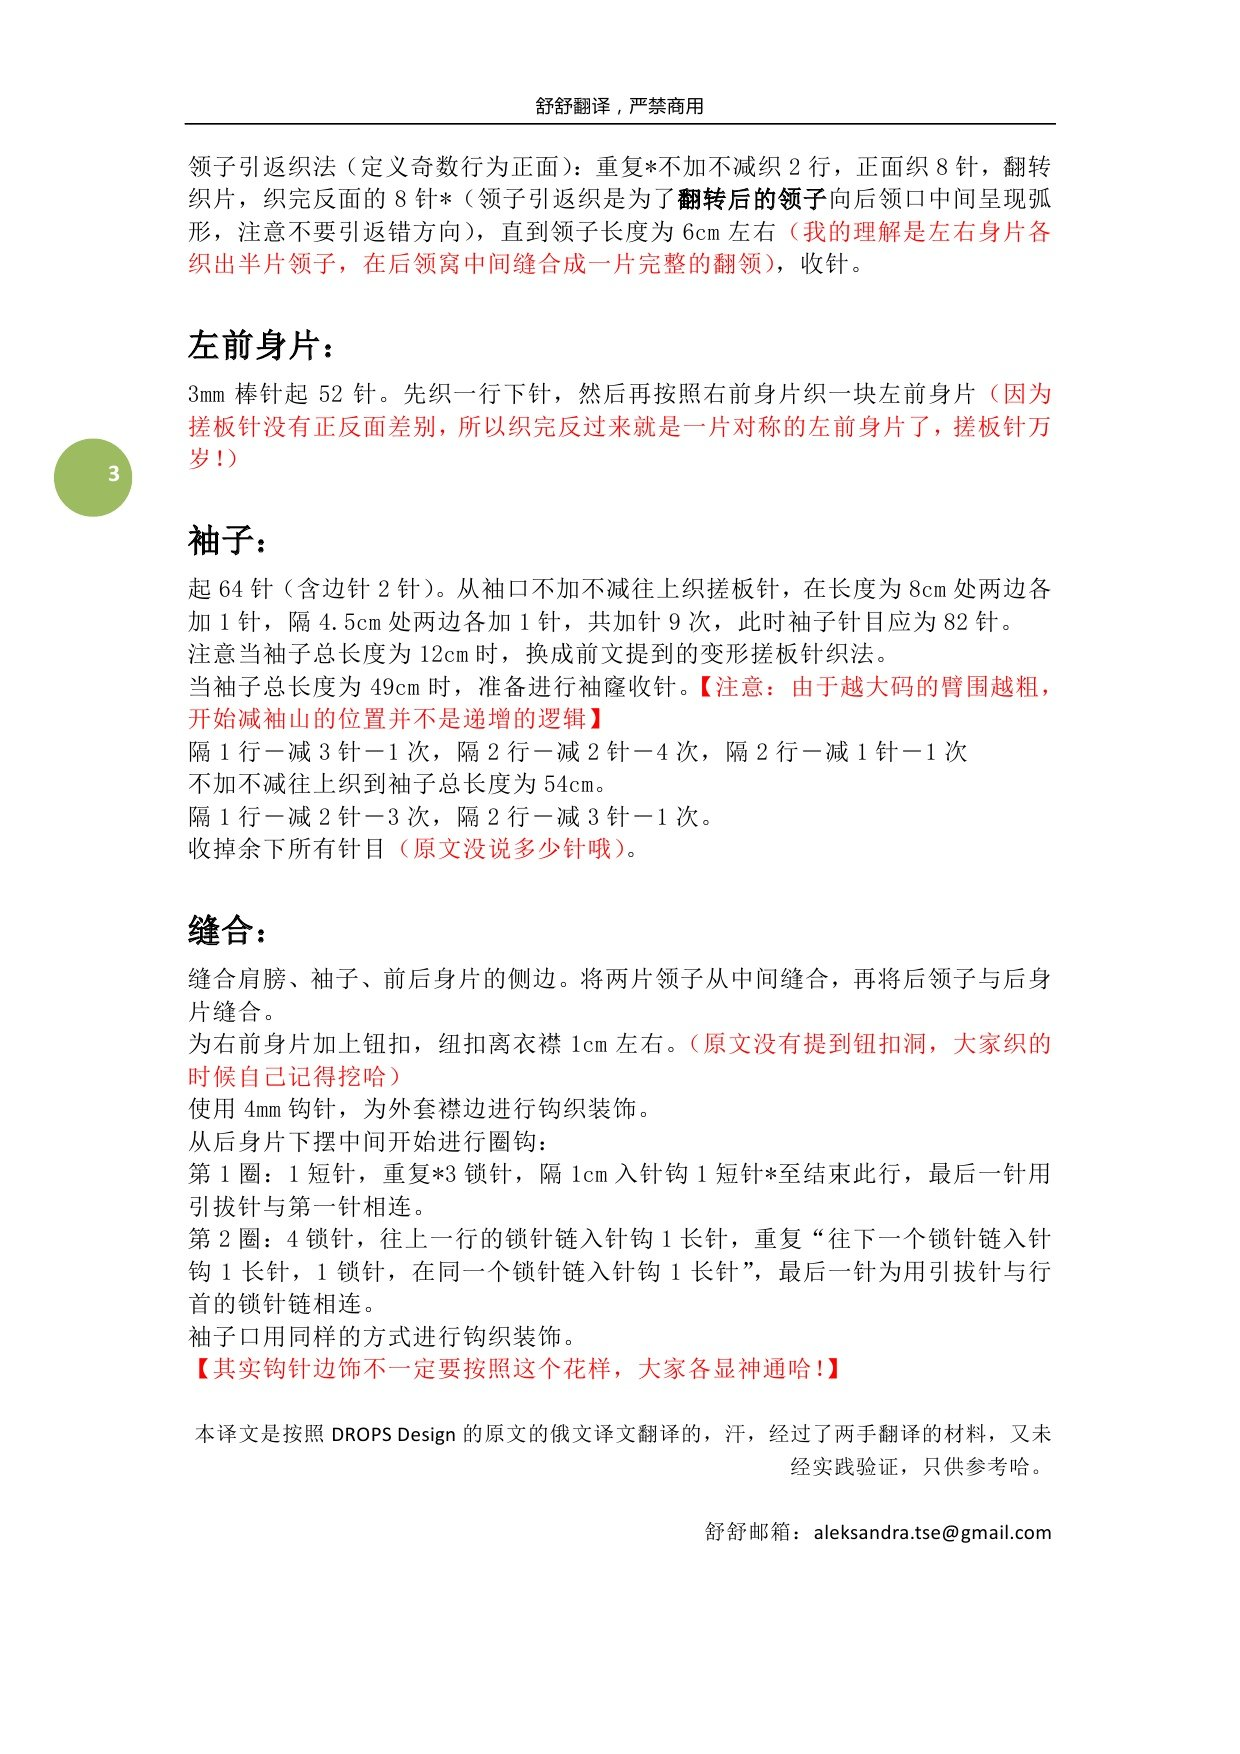 [棒针翻译] 舒舒翻译—扇语:搓板针扇形下摆外套,礼服裙好伴侣,你值得拥有!(只提供小码翻译) - yn595959 - yn595959 彦妮